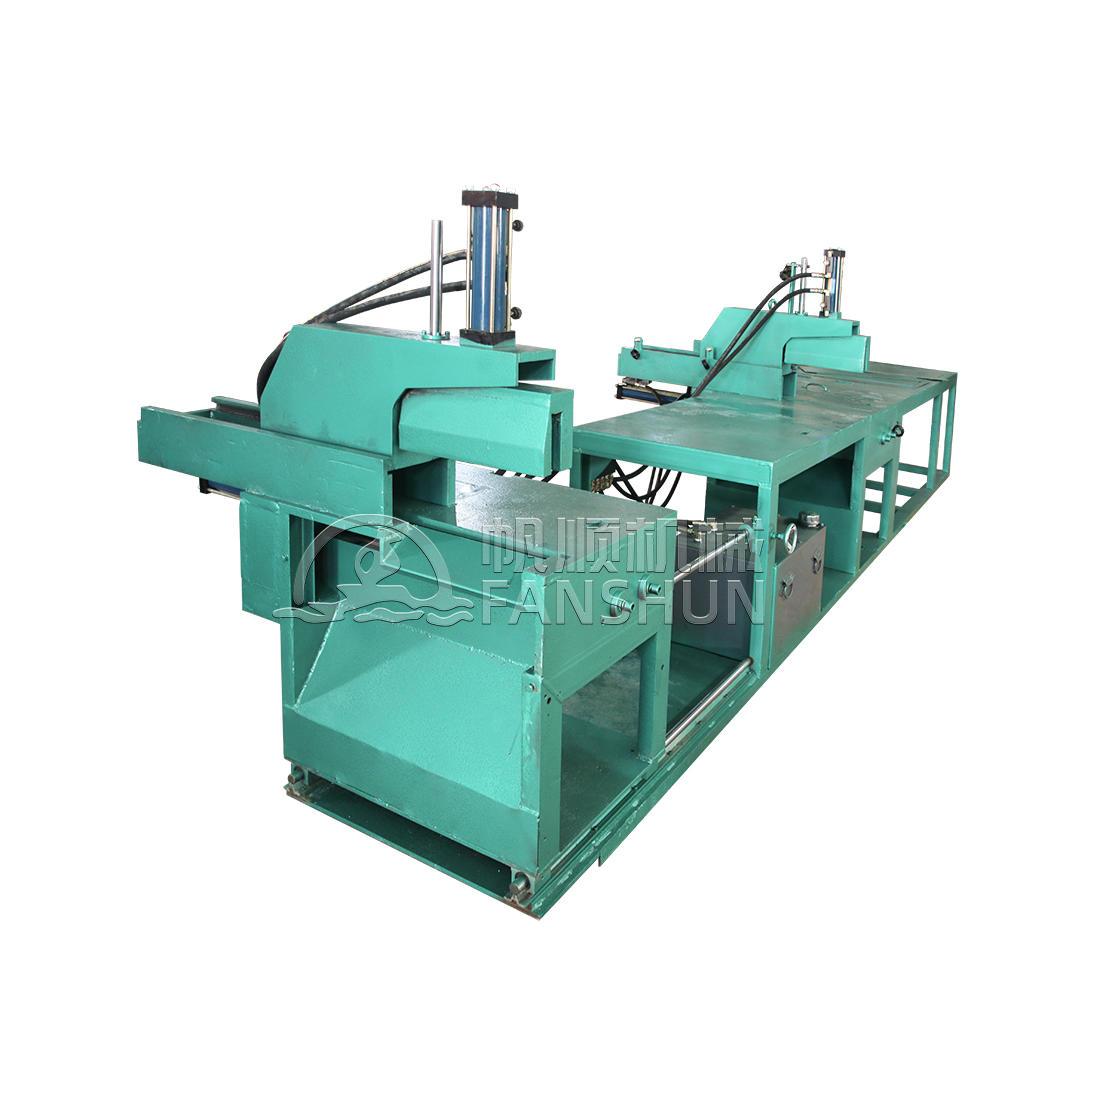 Copper rod segmentation cutting machine